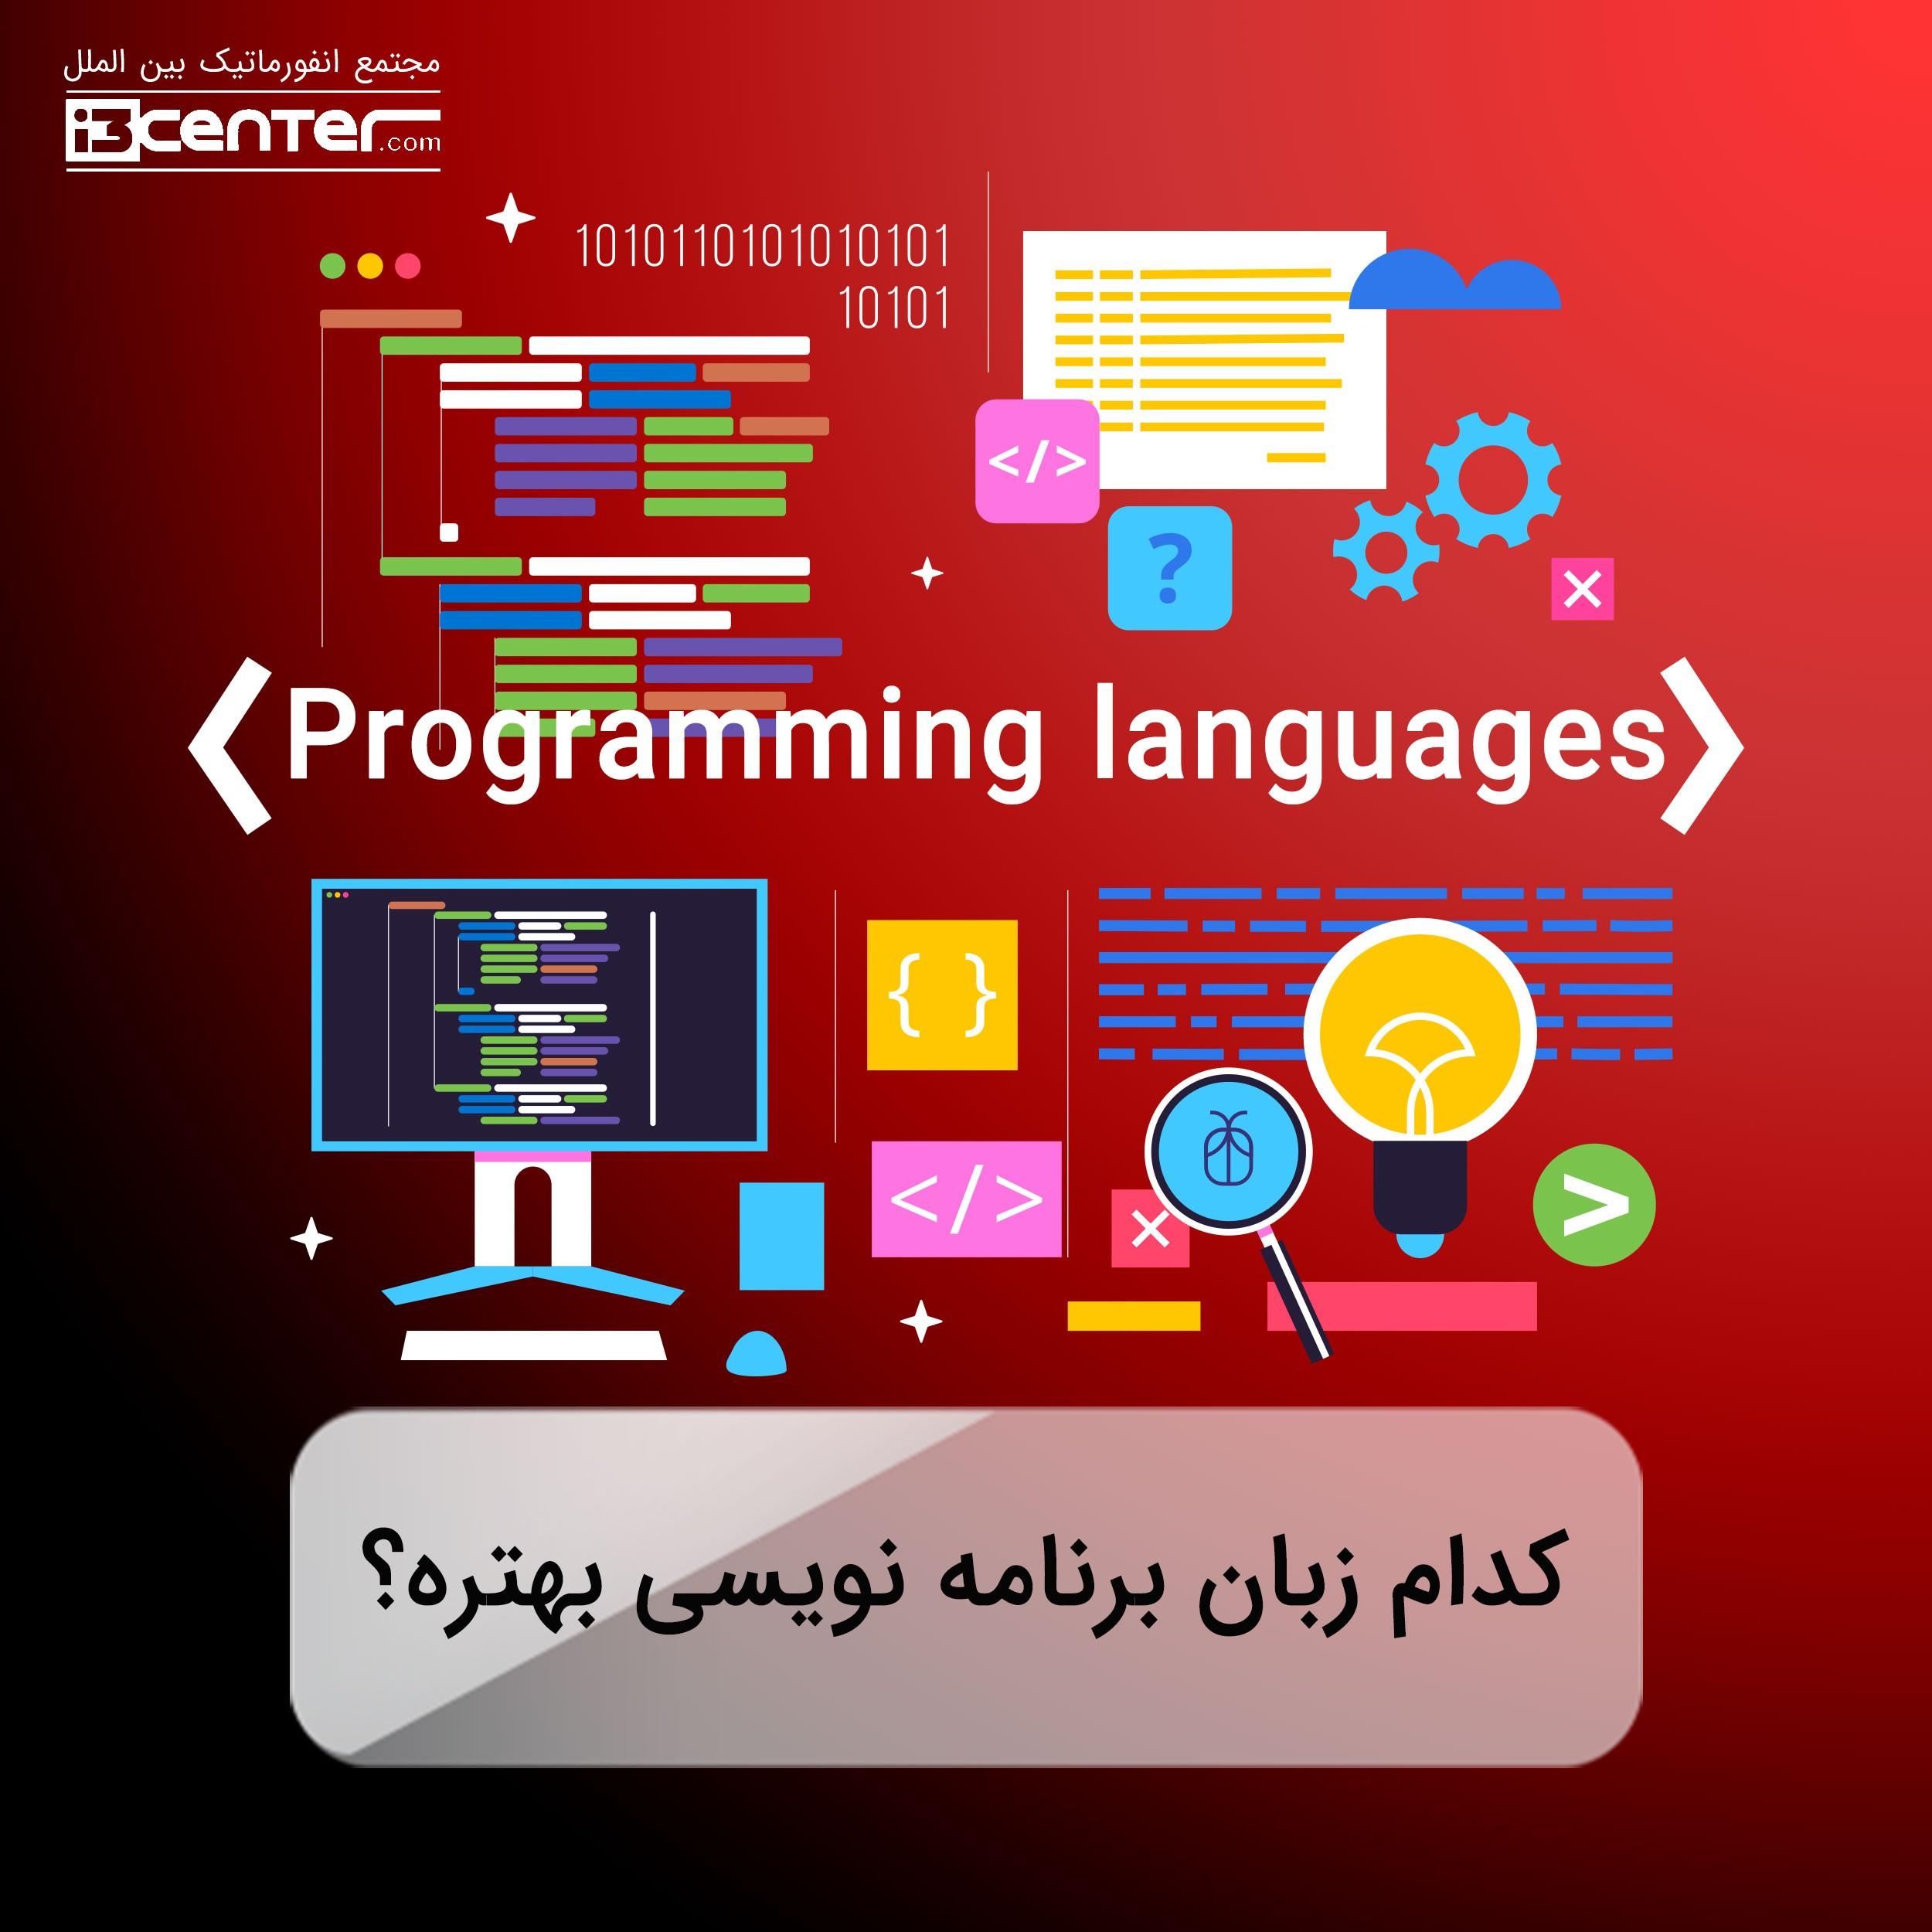 کدوم زبان برنامه نویسی رو یاد بگیریم؟